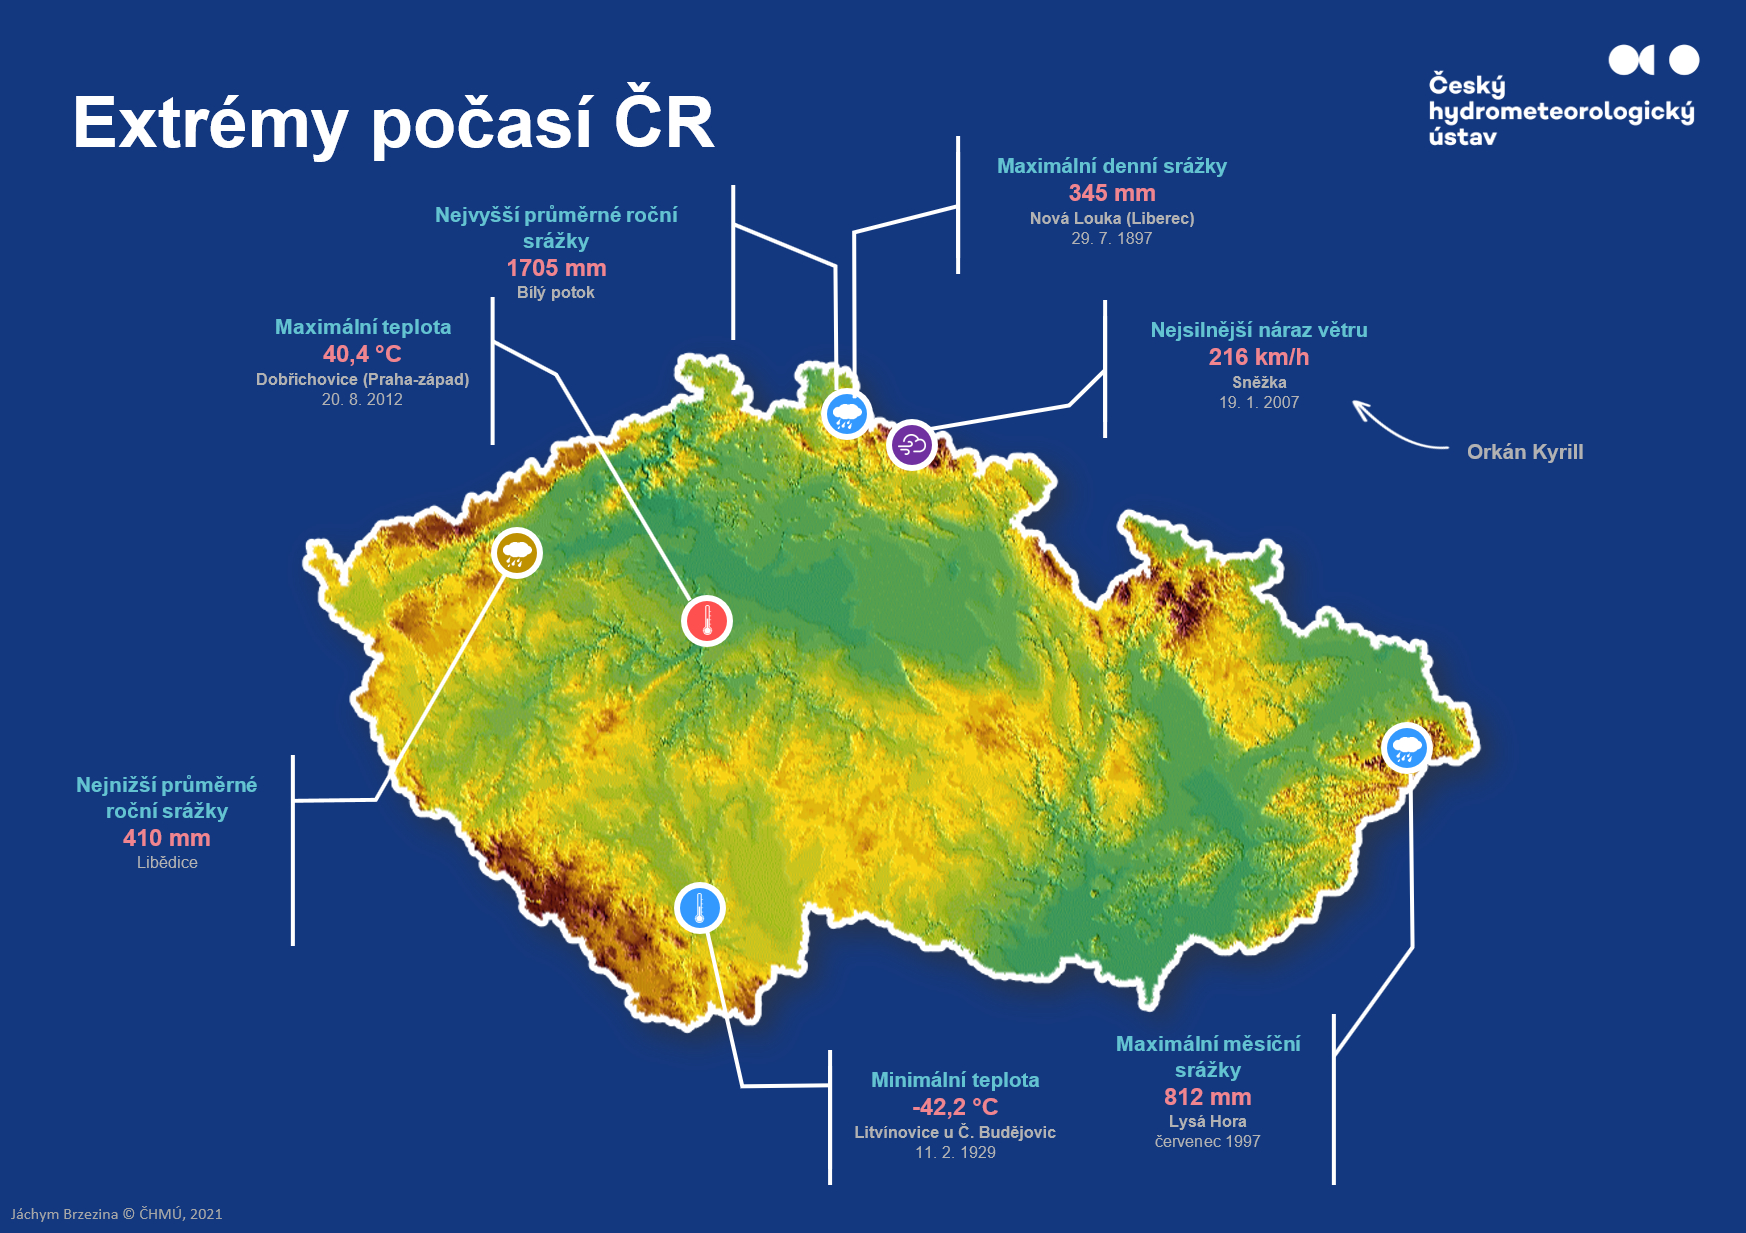 Extrémy počasí v České republice*